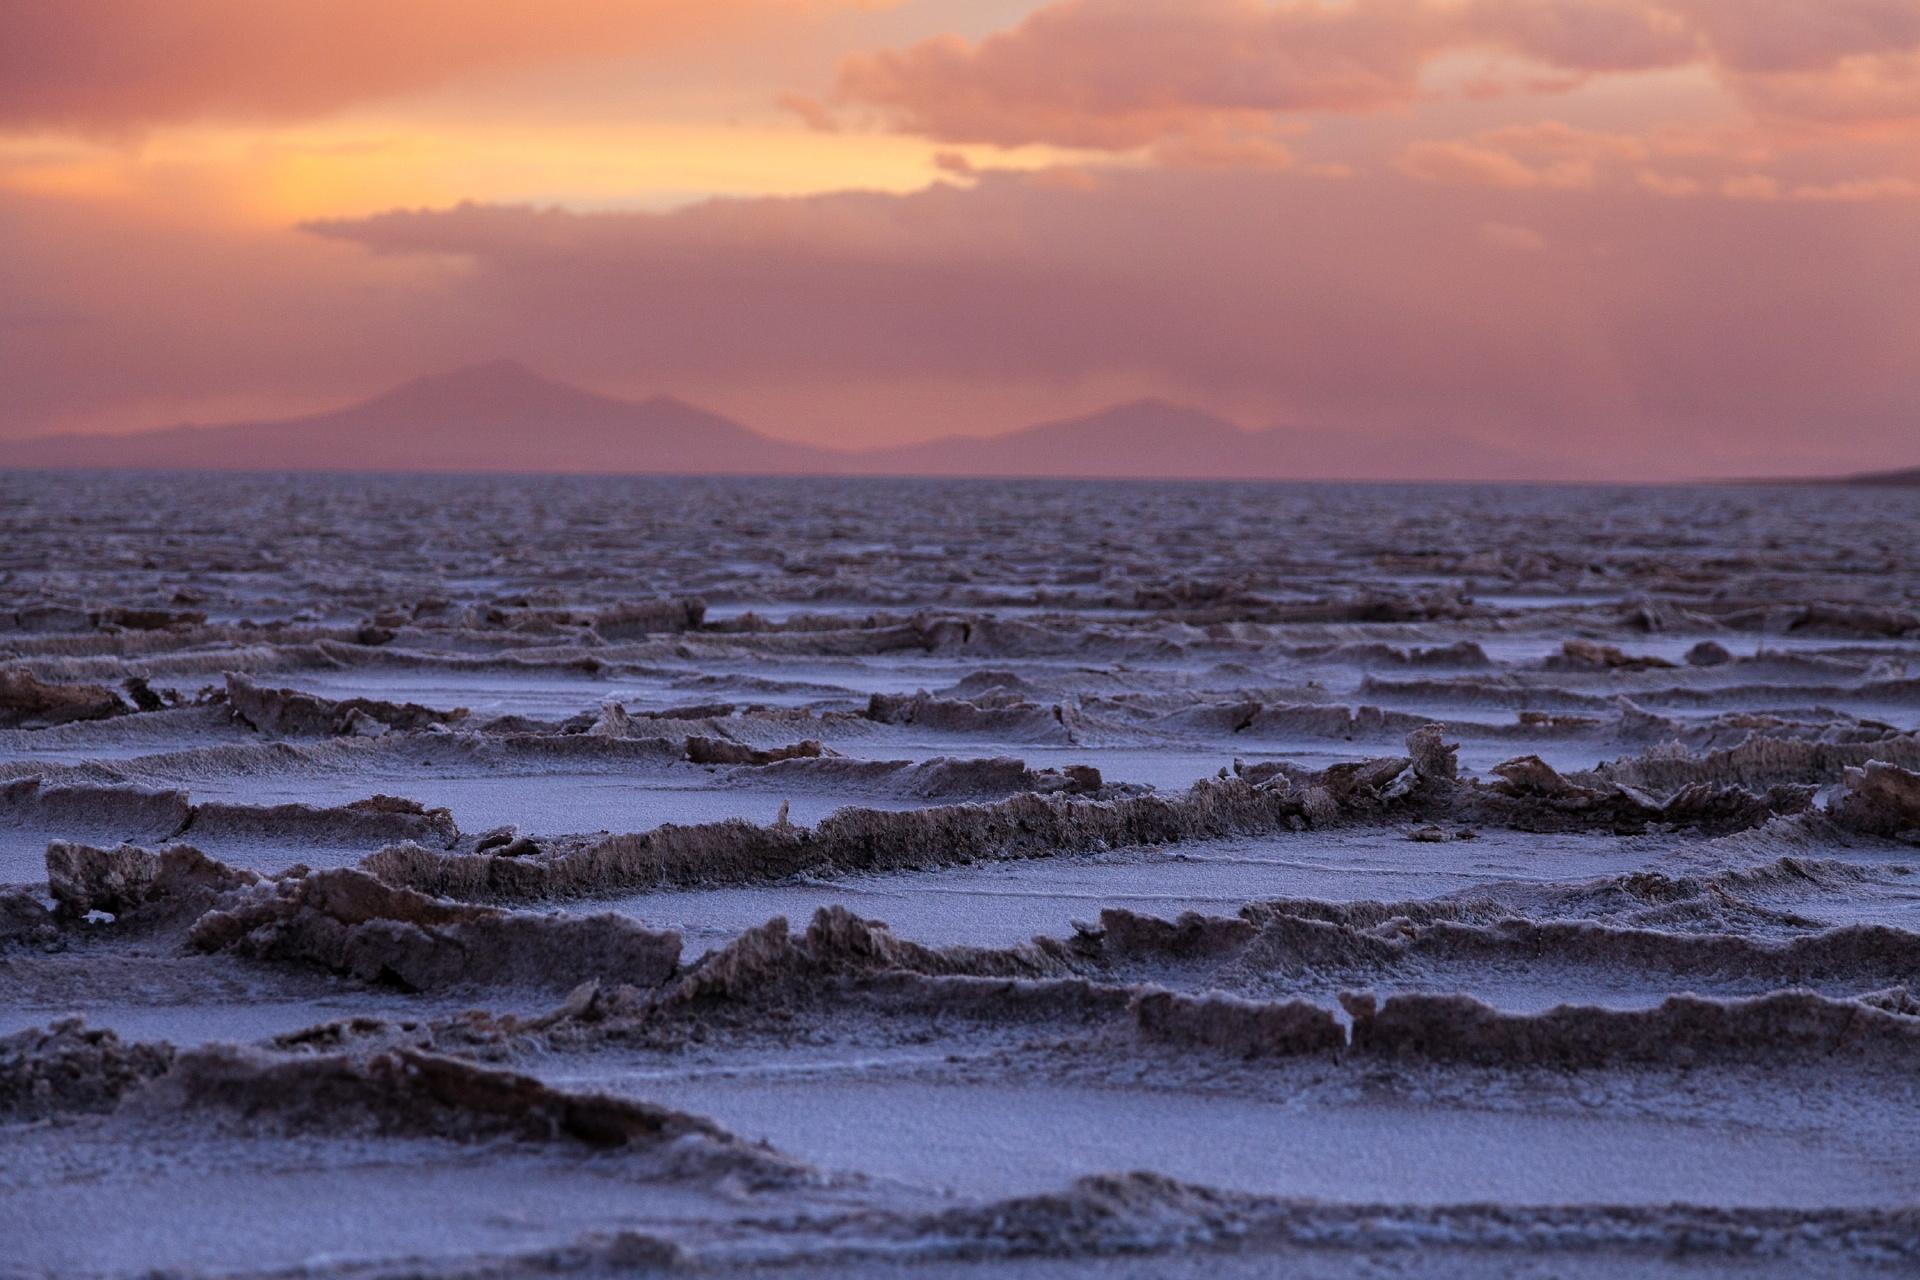 ウユニ塩湖 ボリビアの風景